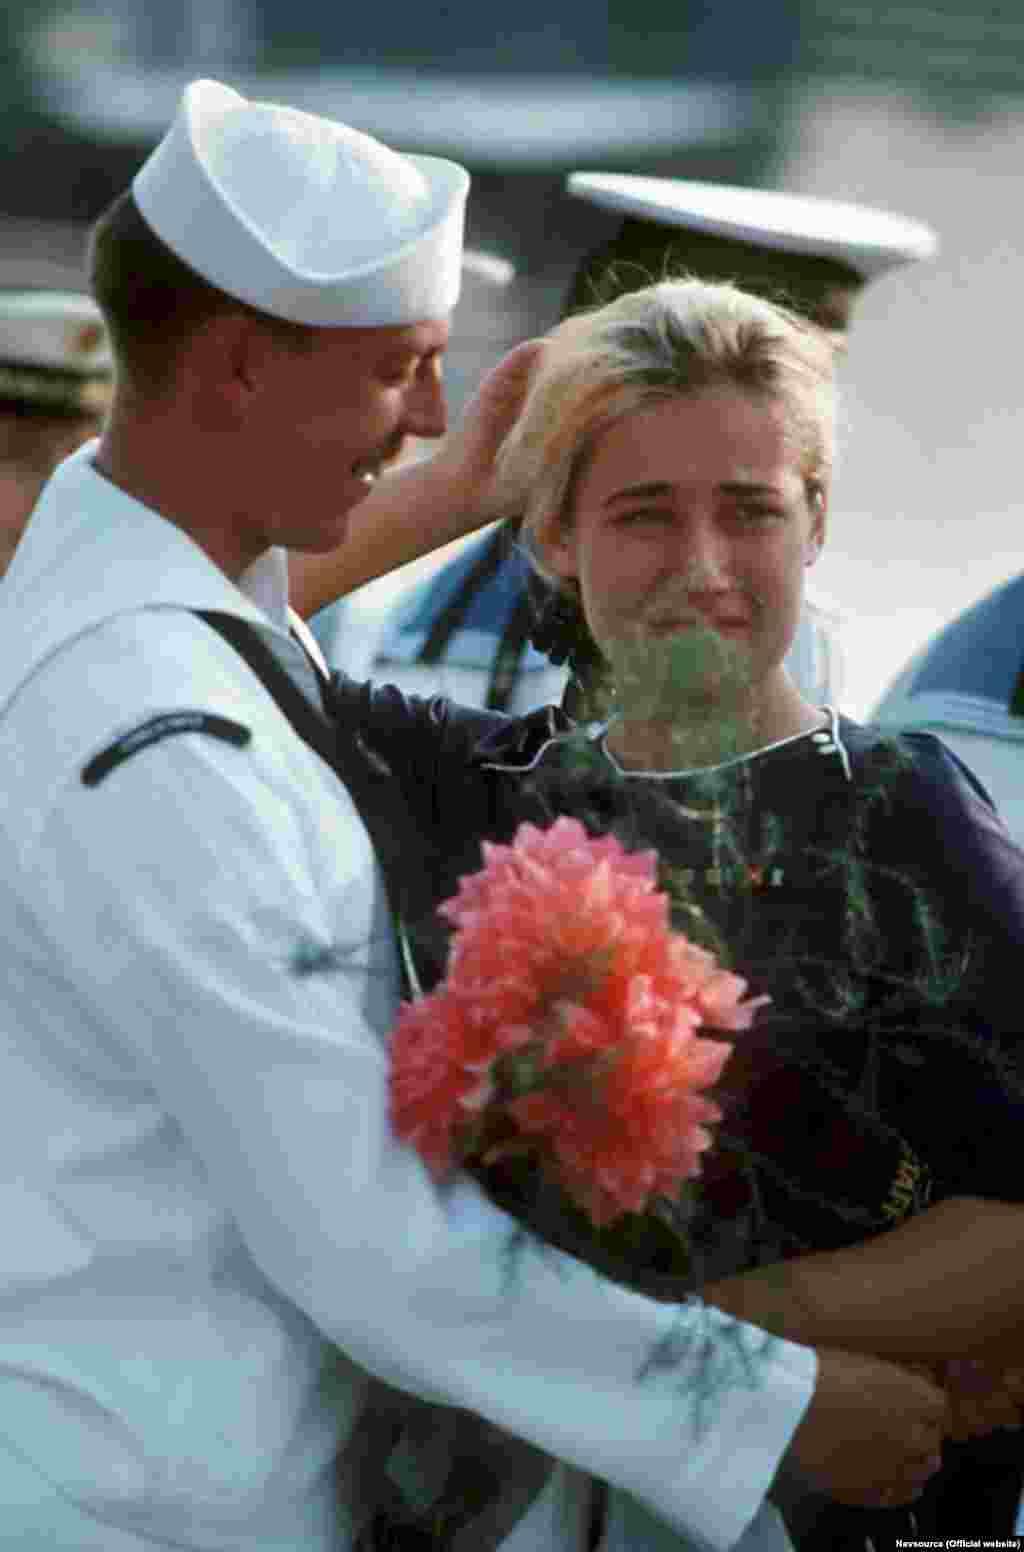 Коли USS Kauffman і USS Thomas S. Gates відправлялися, на причалі стояли сумні севастопольські дівчата, деякі з них не приховували сліз